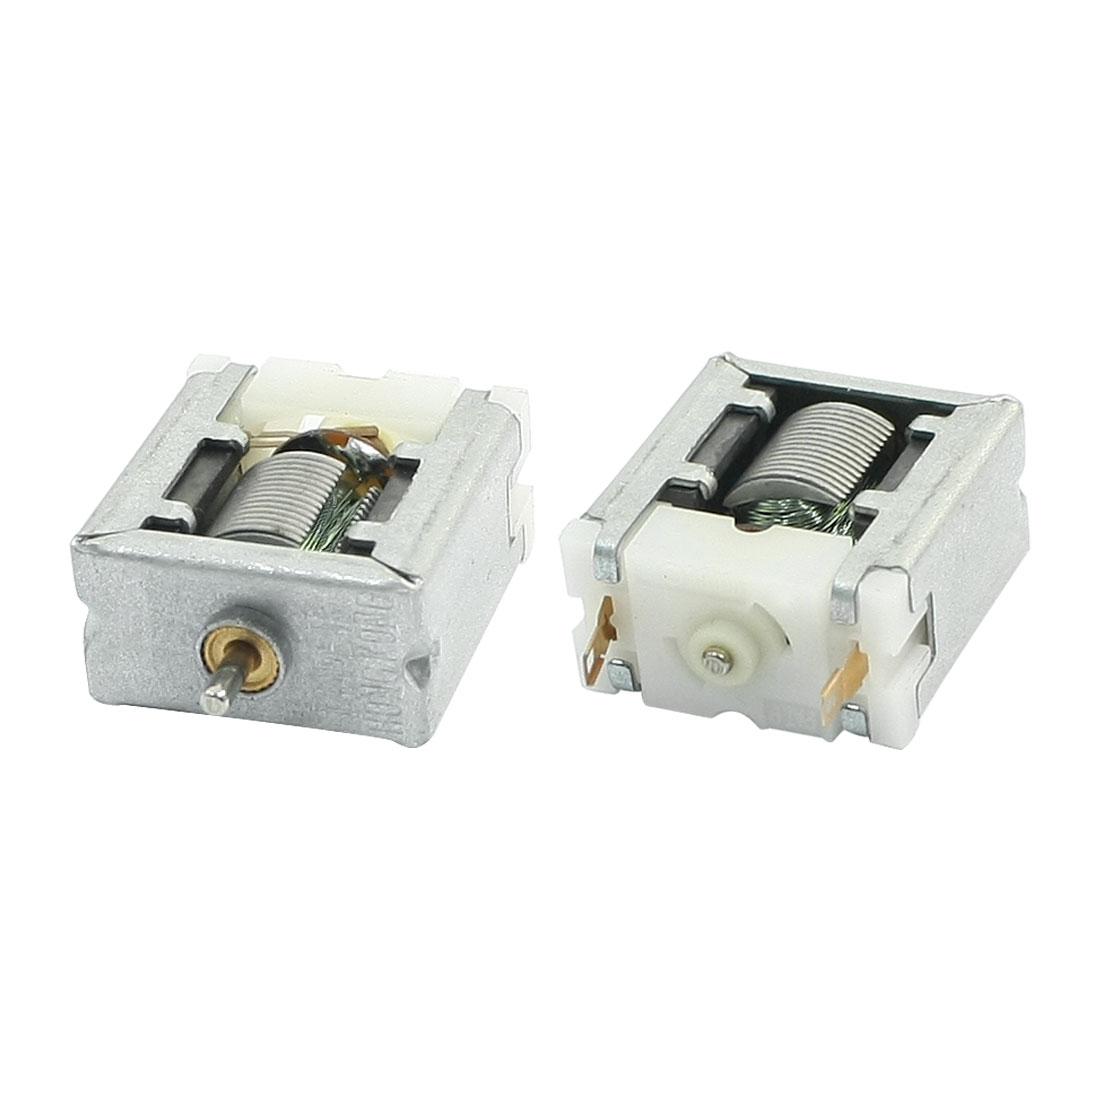 2pcs-0-12A-6V-15000RPM-N20-Bare-Magnetic-Carbon-Brush-DC-Mini-Motor